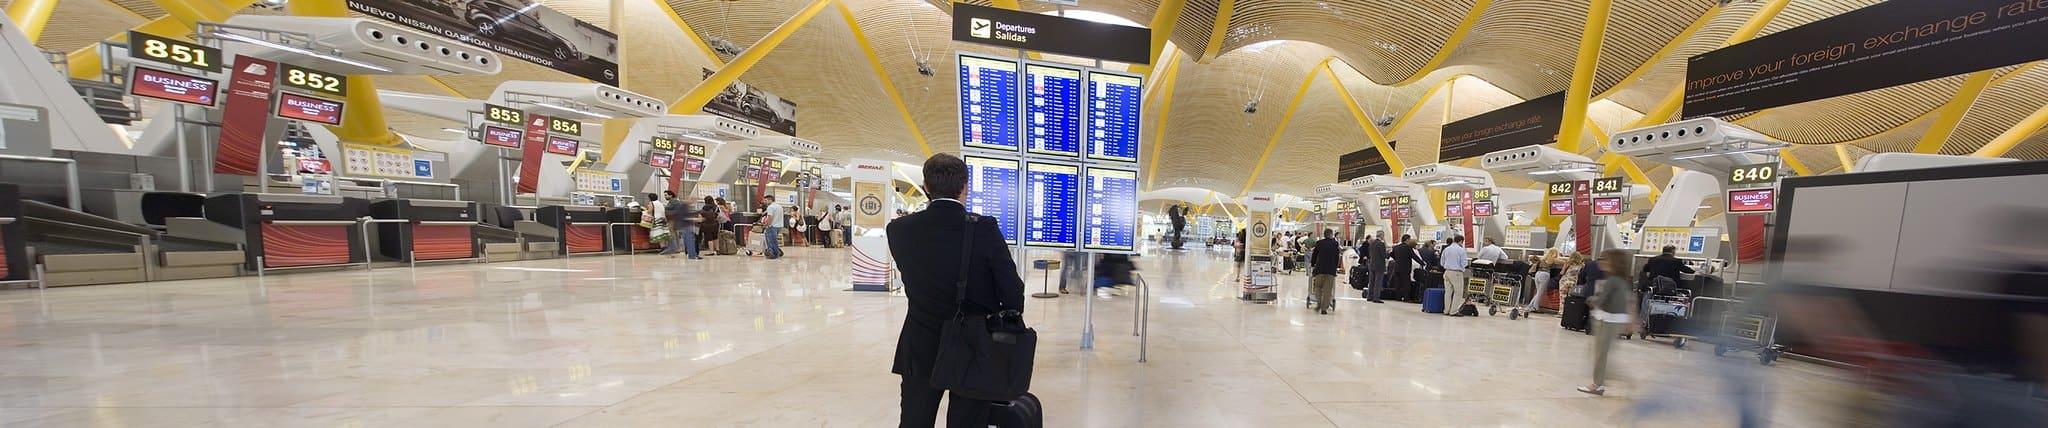 Aeroporti Tenerife